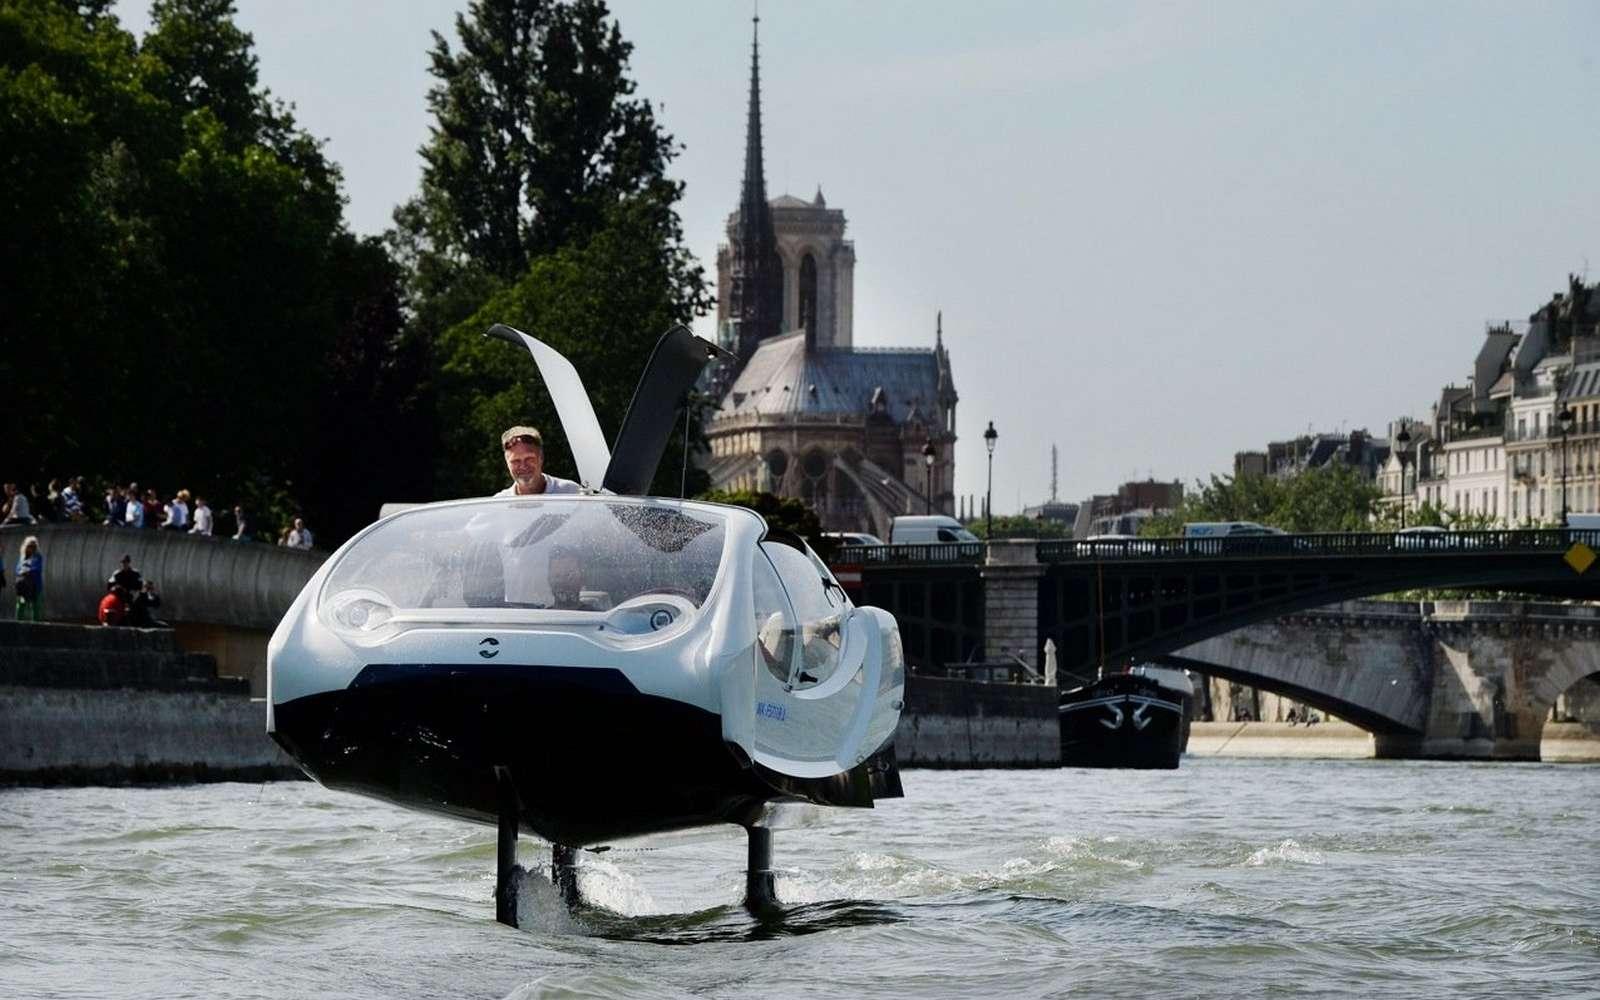 Le SeaBubbles d'Alain Thébault sera testé cet été sur la Seine. © SeaBubbles